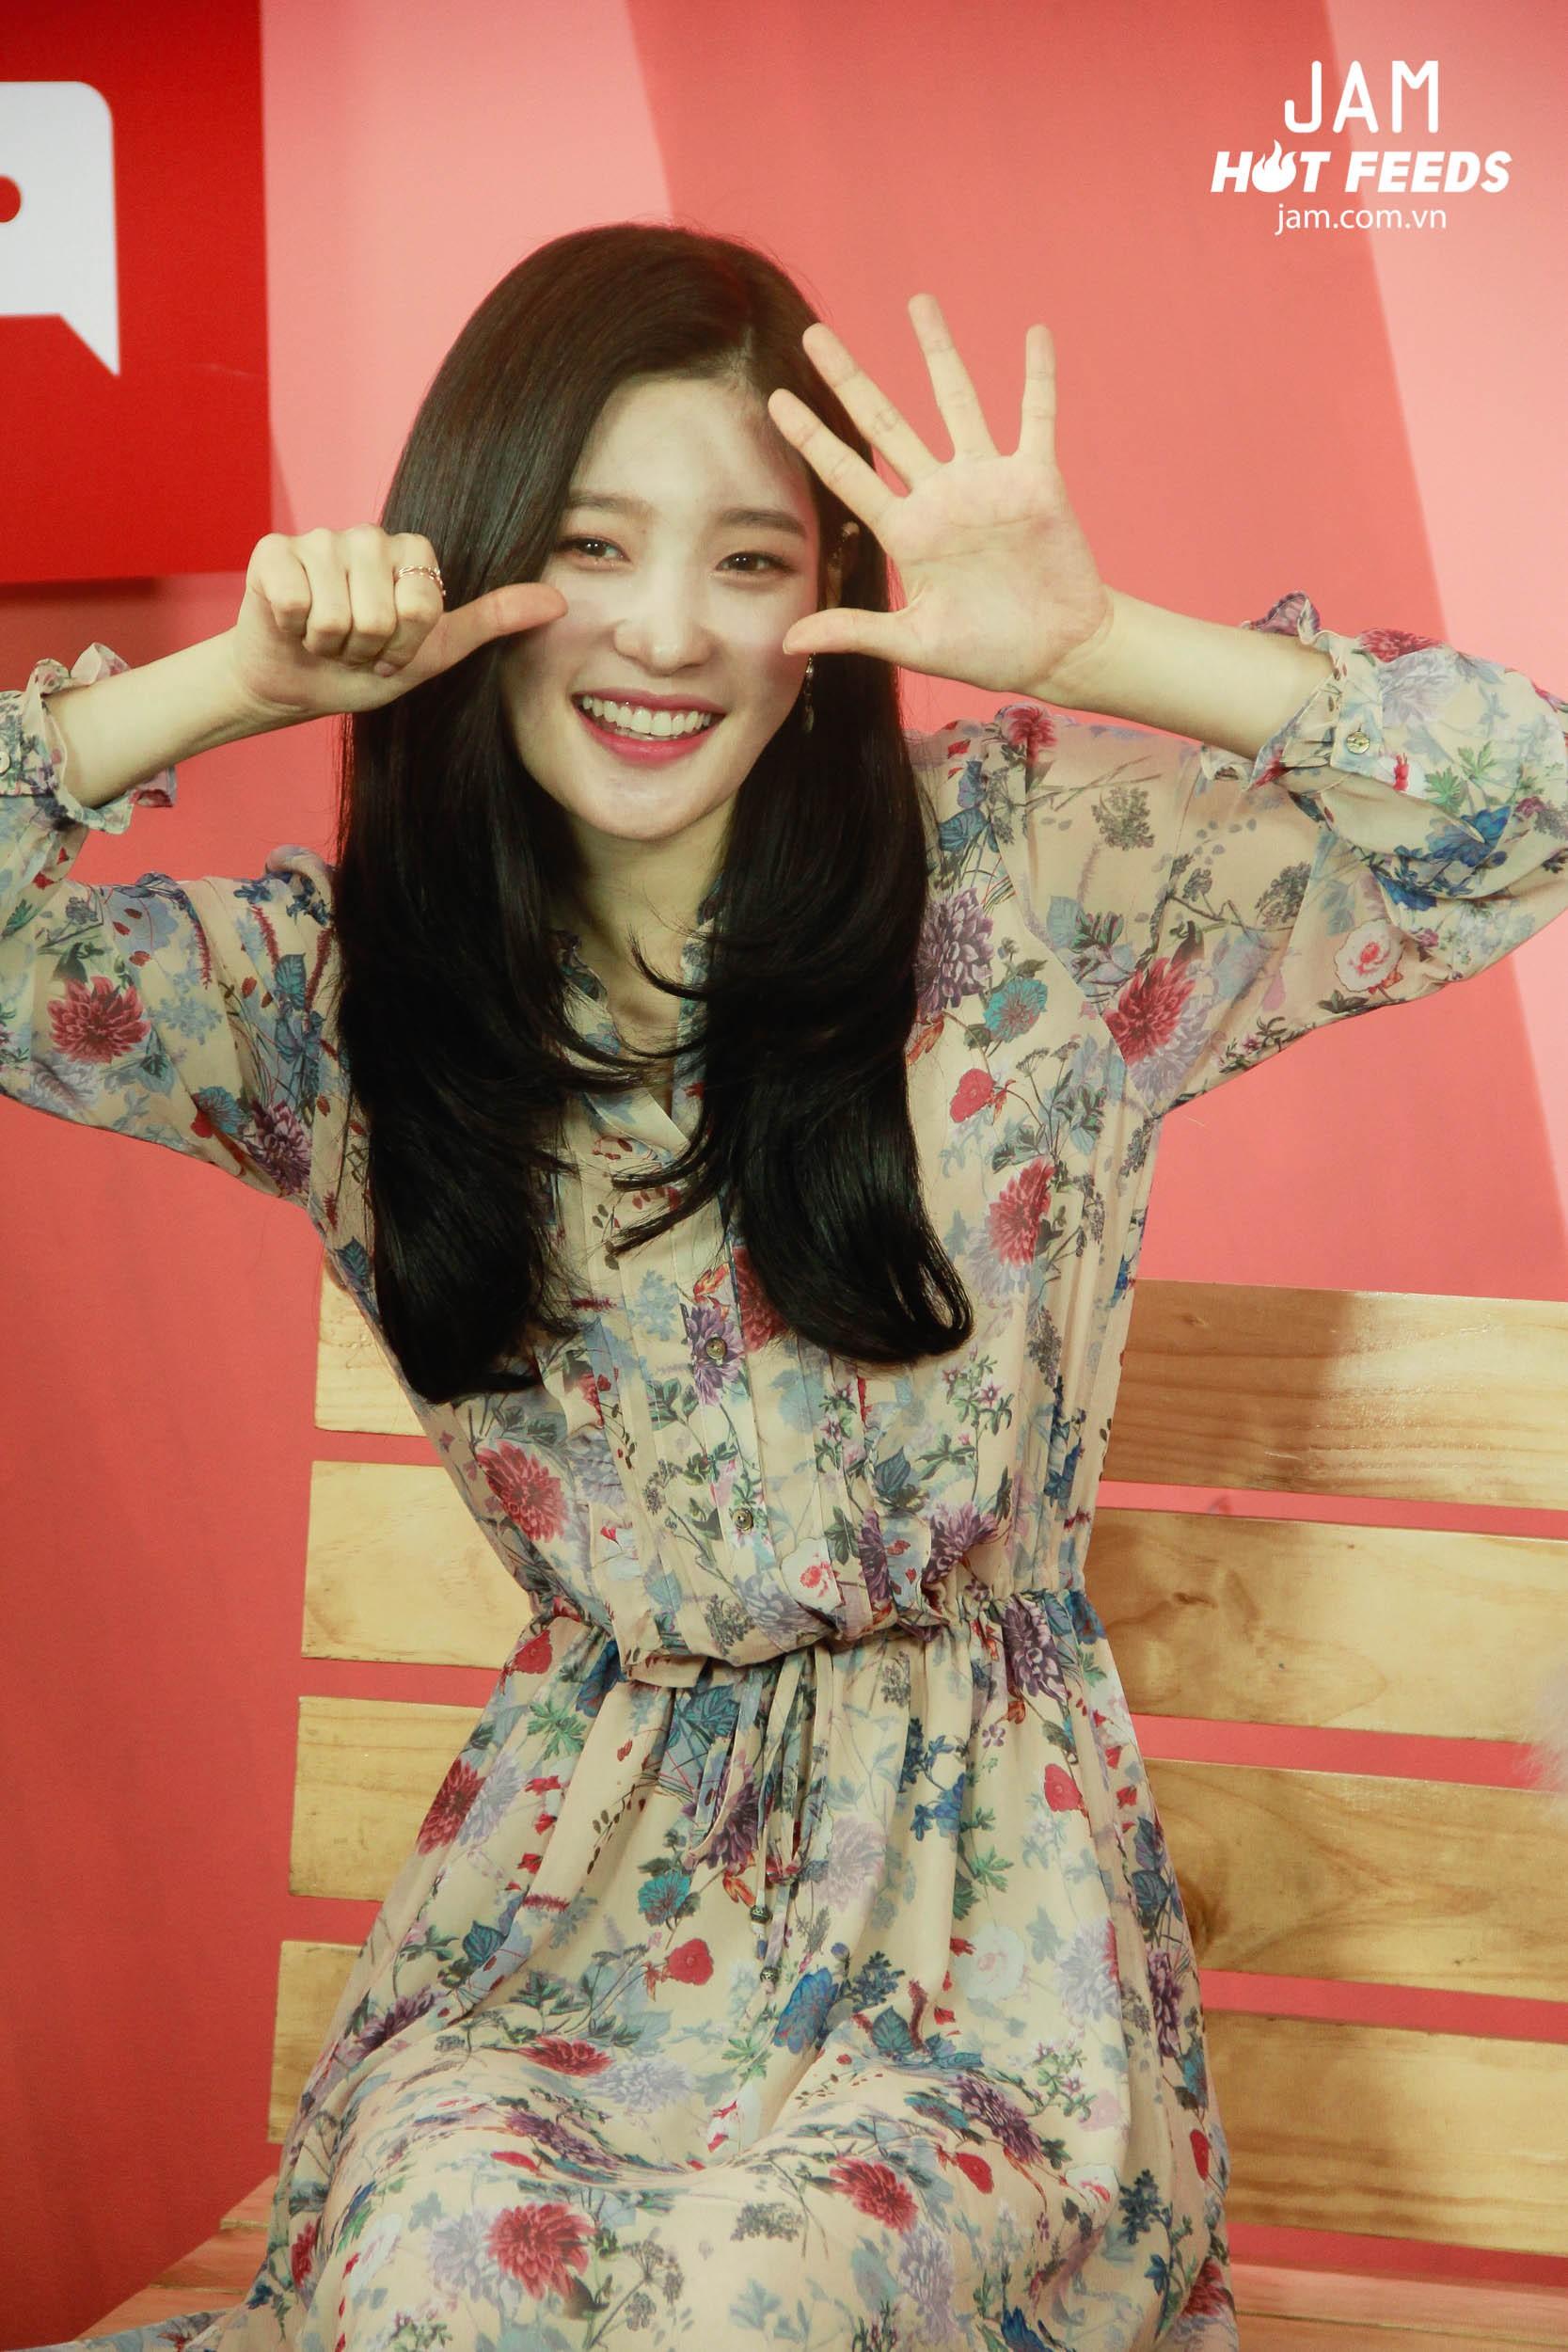 Xứng danh nữ thần thế hệ mới, Chae Yeon đẹp đến xiêu lòng trong bất kỳ khoảnh khắc nào! - Ảnh 9.